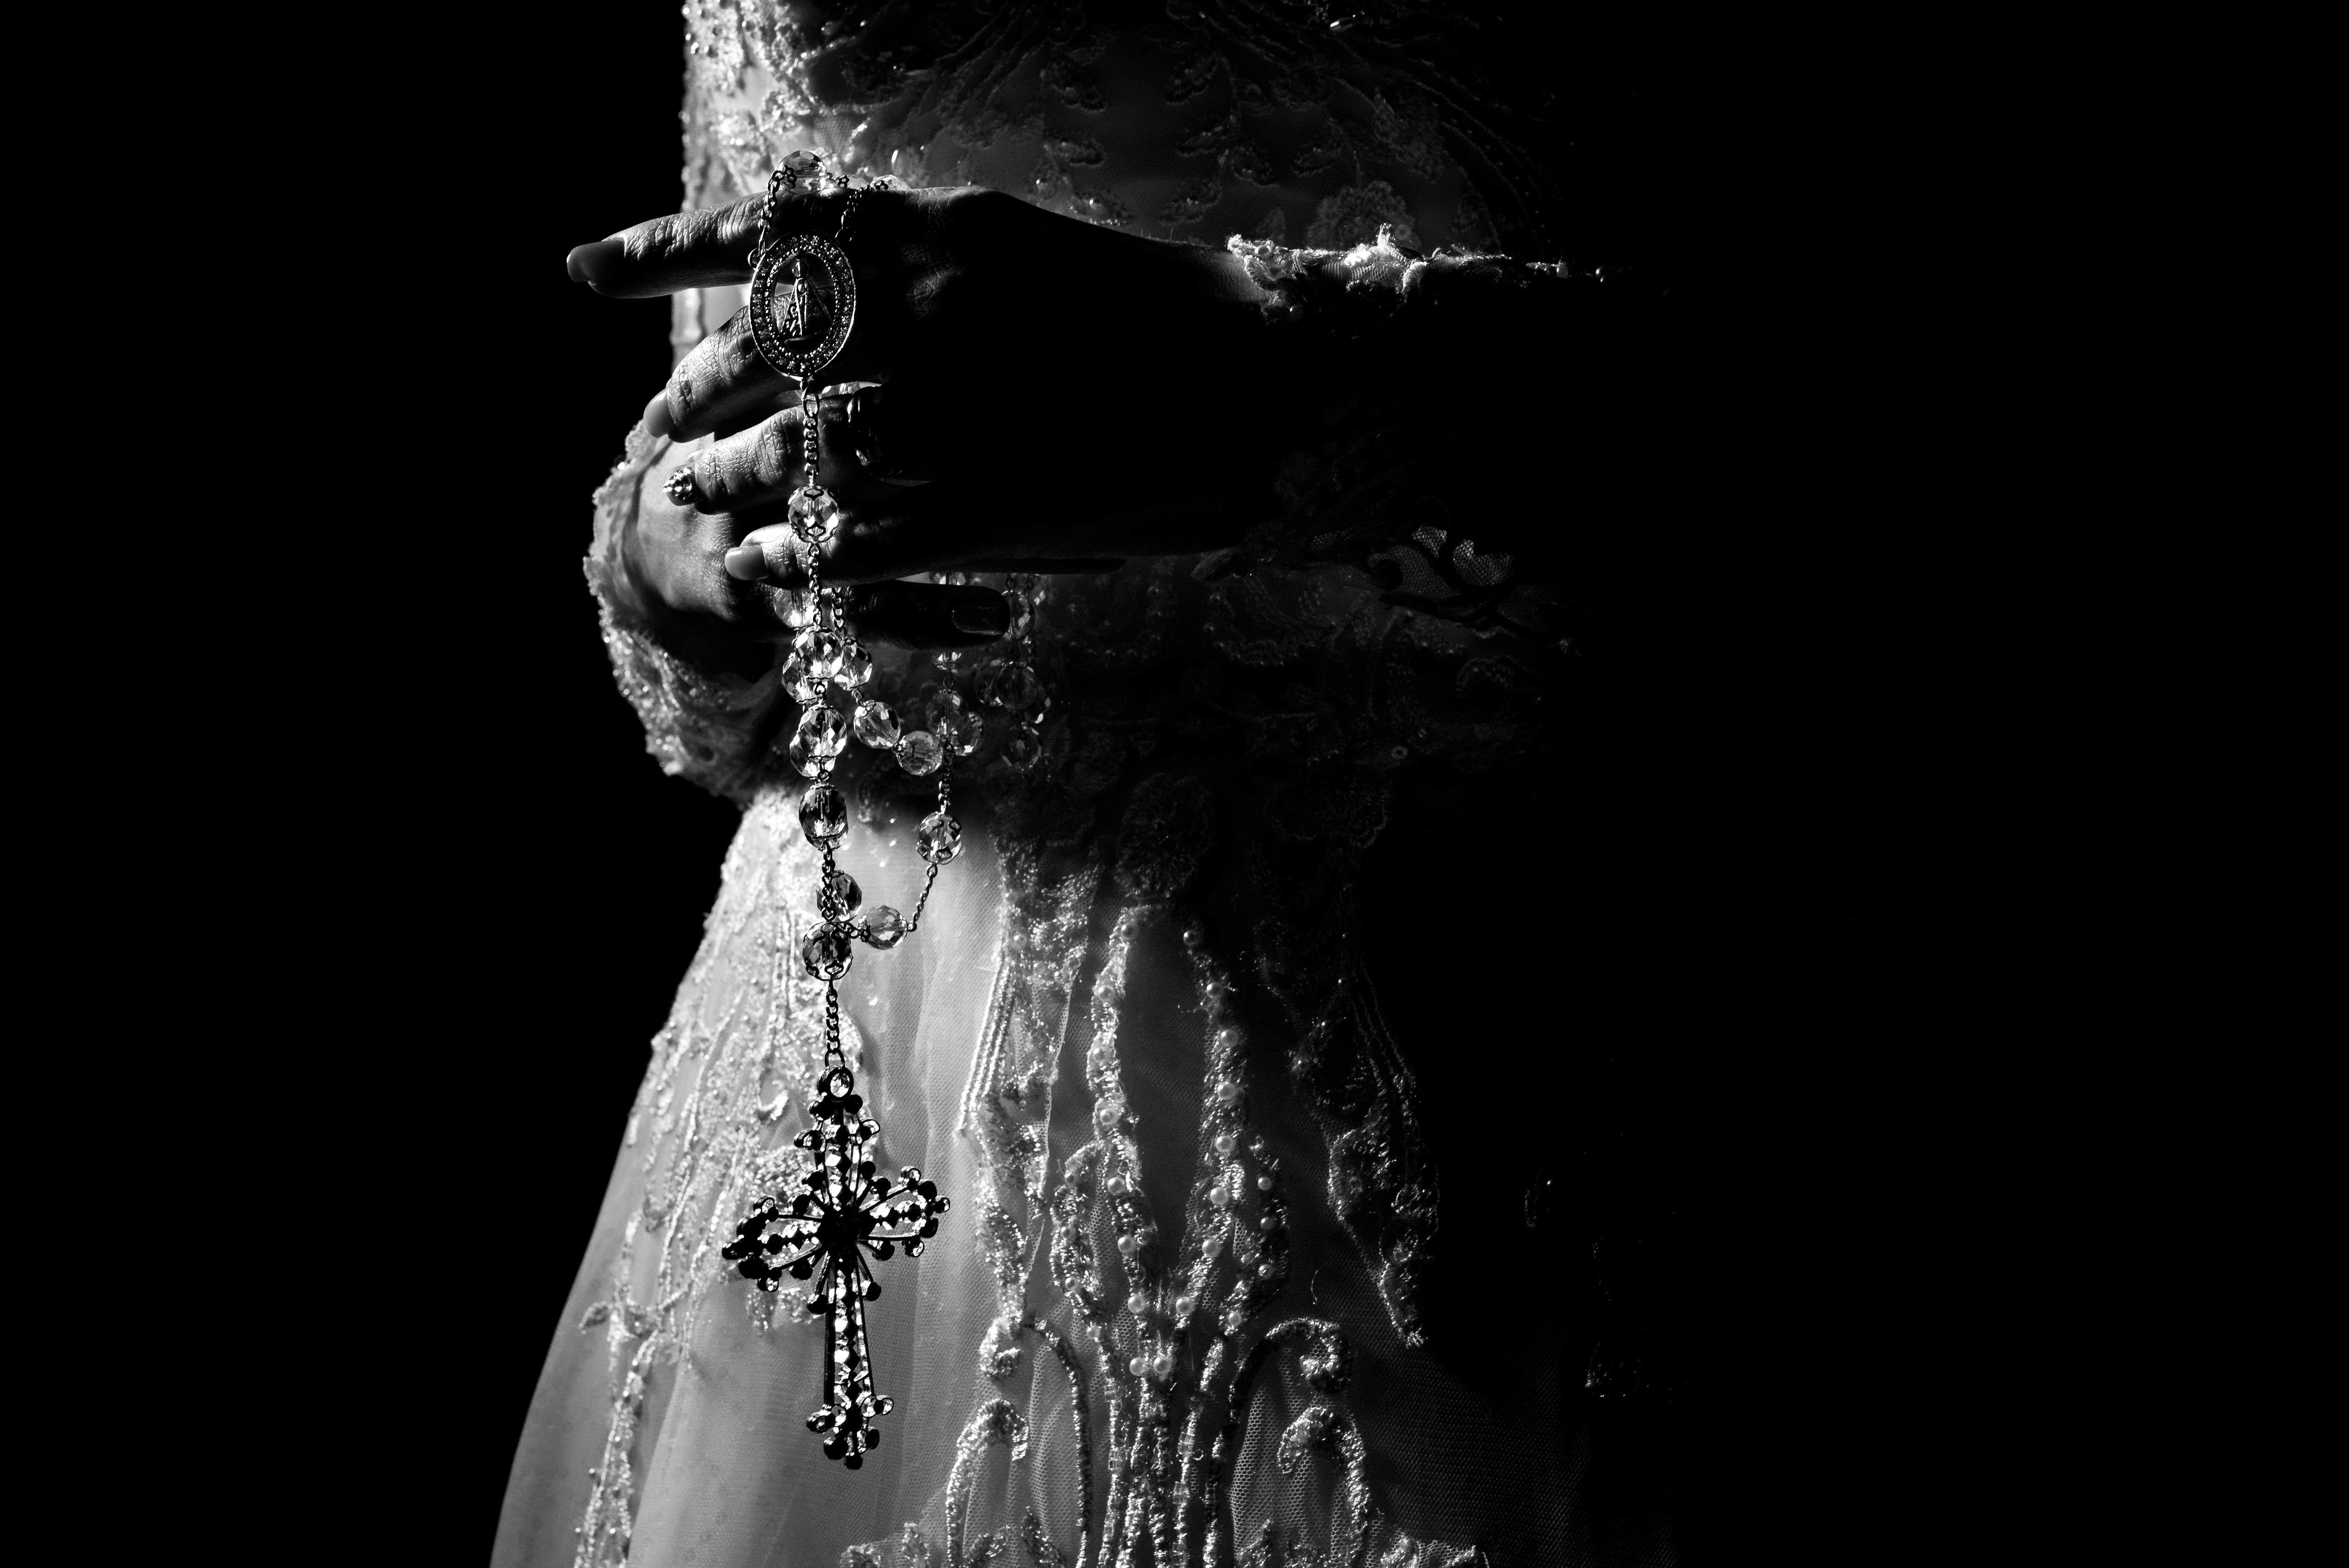 Contate Sandro Cardoso • Foto & Filme